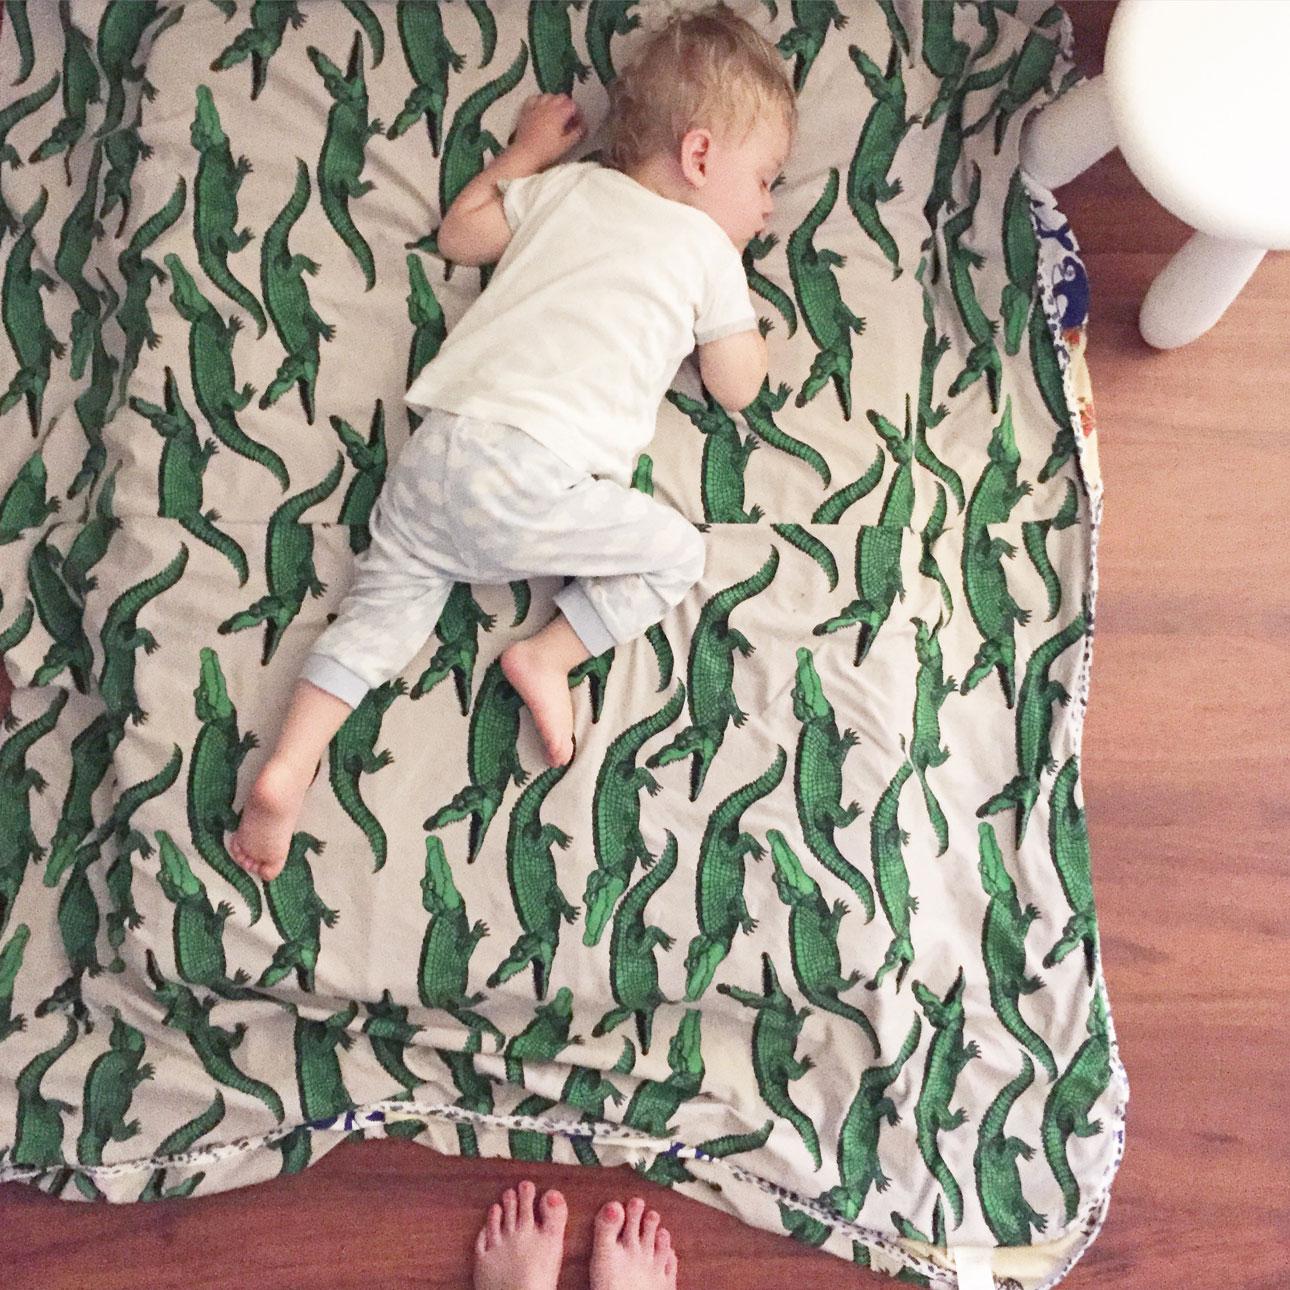 Mamalifestyle Marike augustus 2015 Javian slaapt